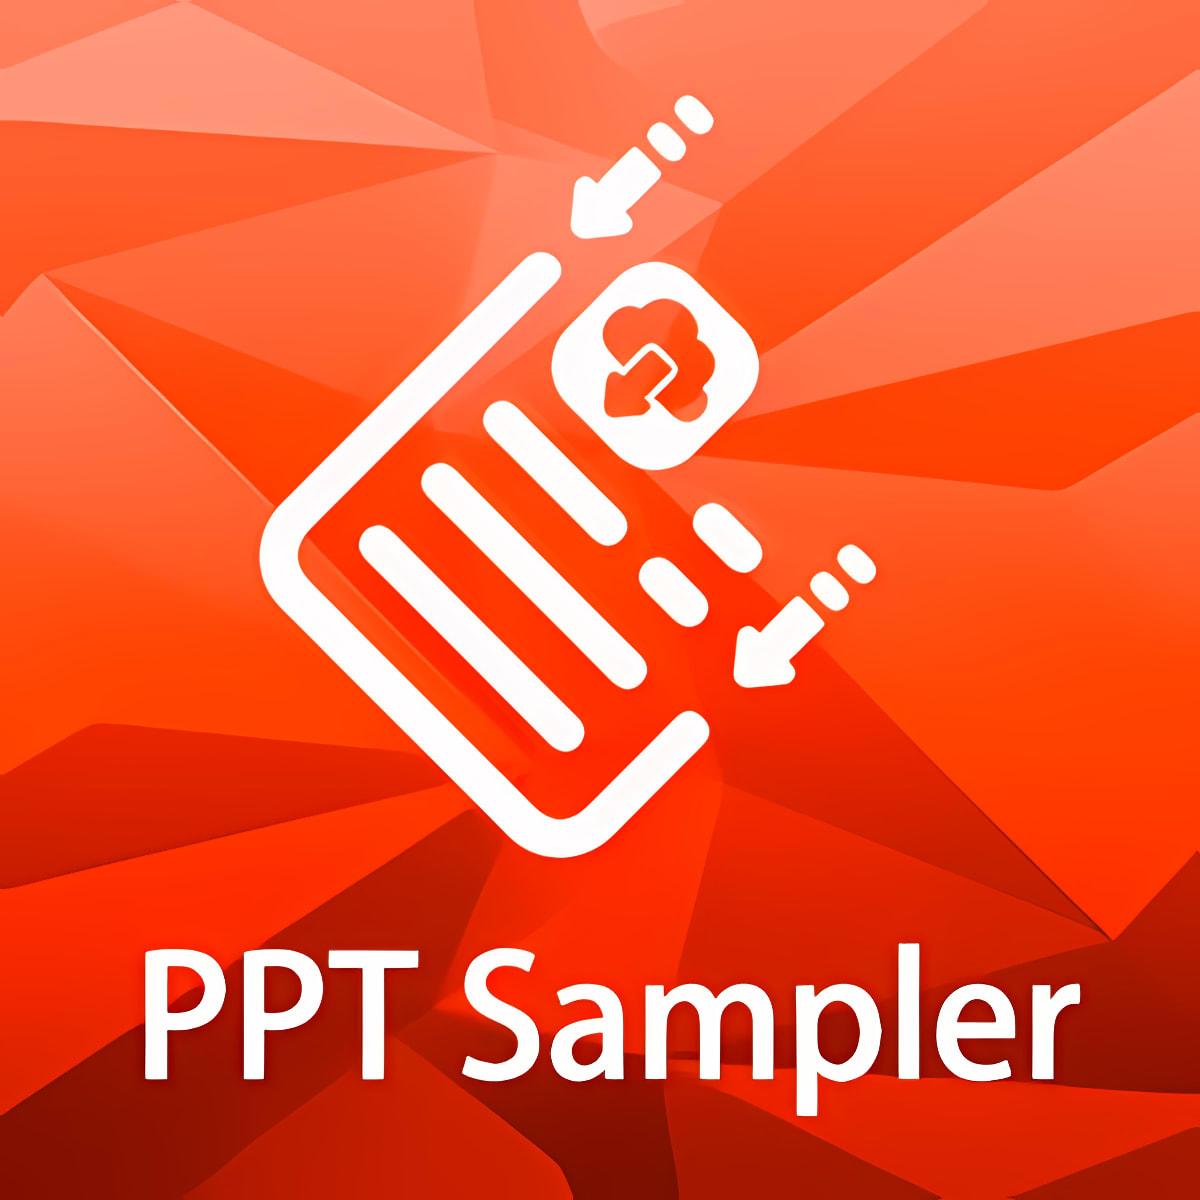 PPT Sampler